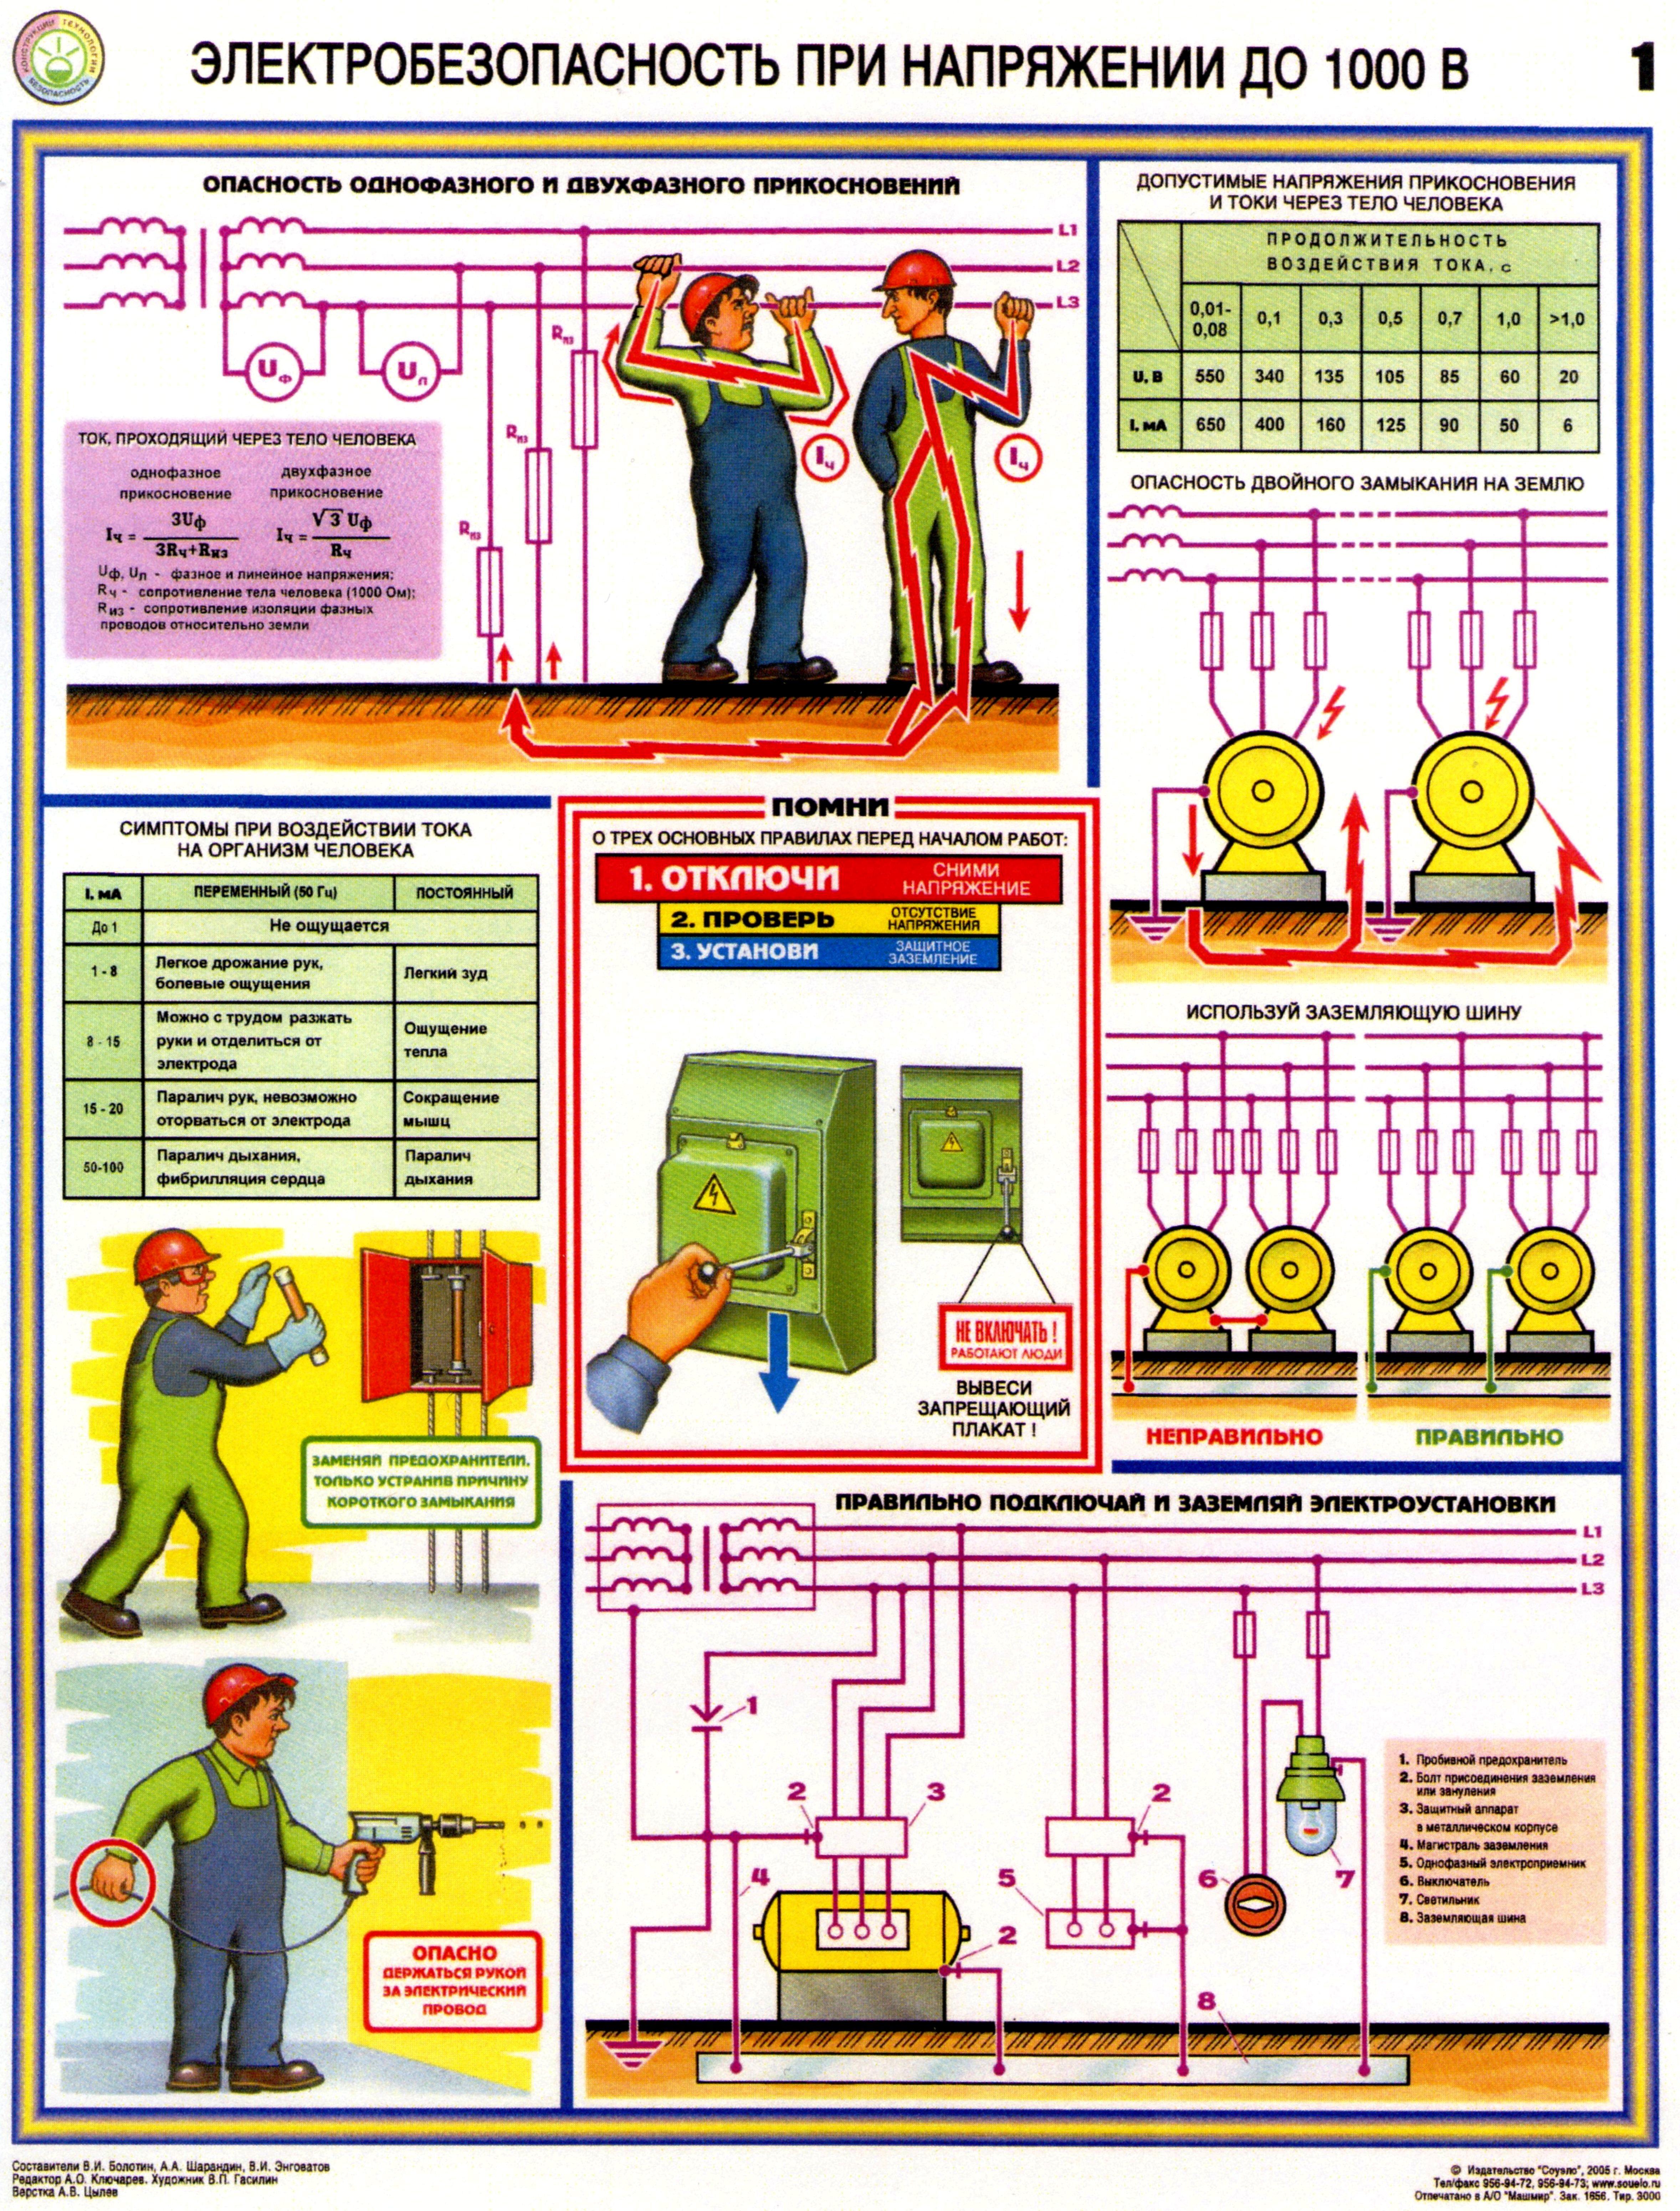 Инструкция о пожарной безопасности в офисе